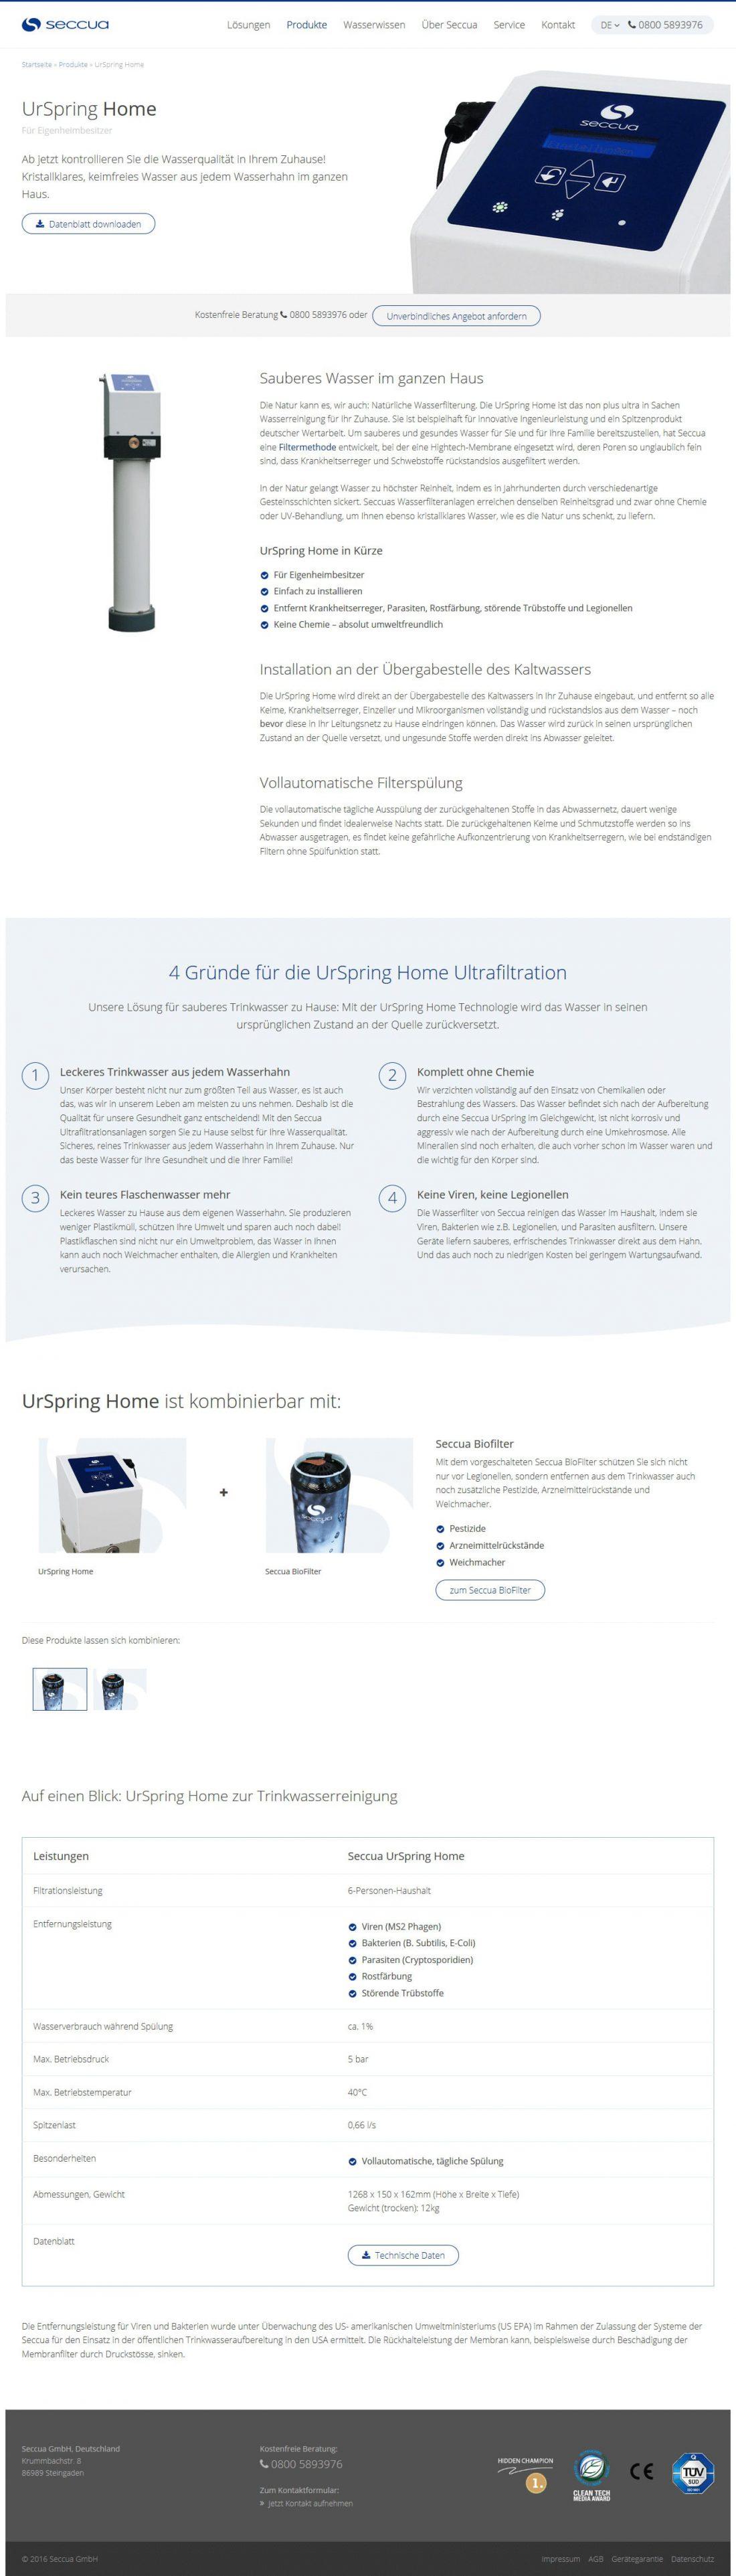 Screenshot Webseite Seccua